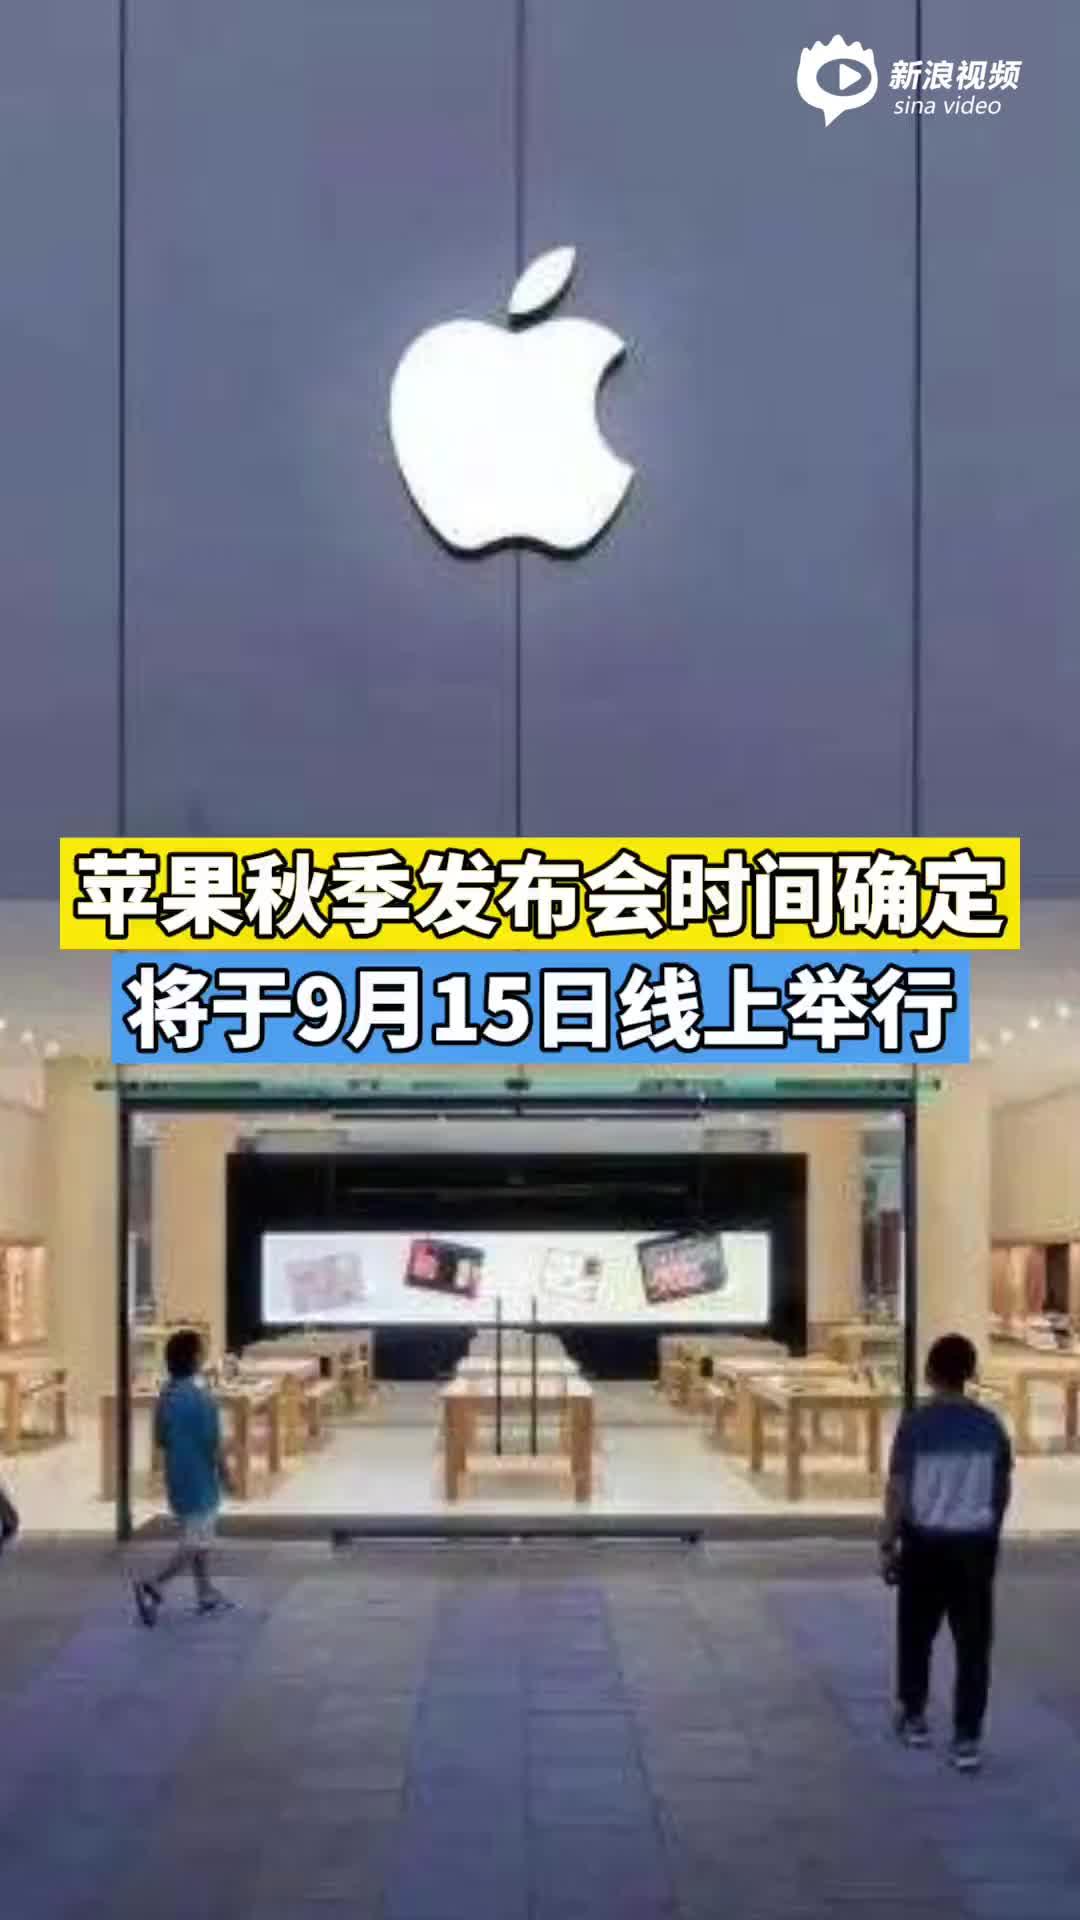 苹果秋季发布会时间确定,将于9月15日线上举行